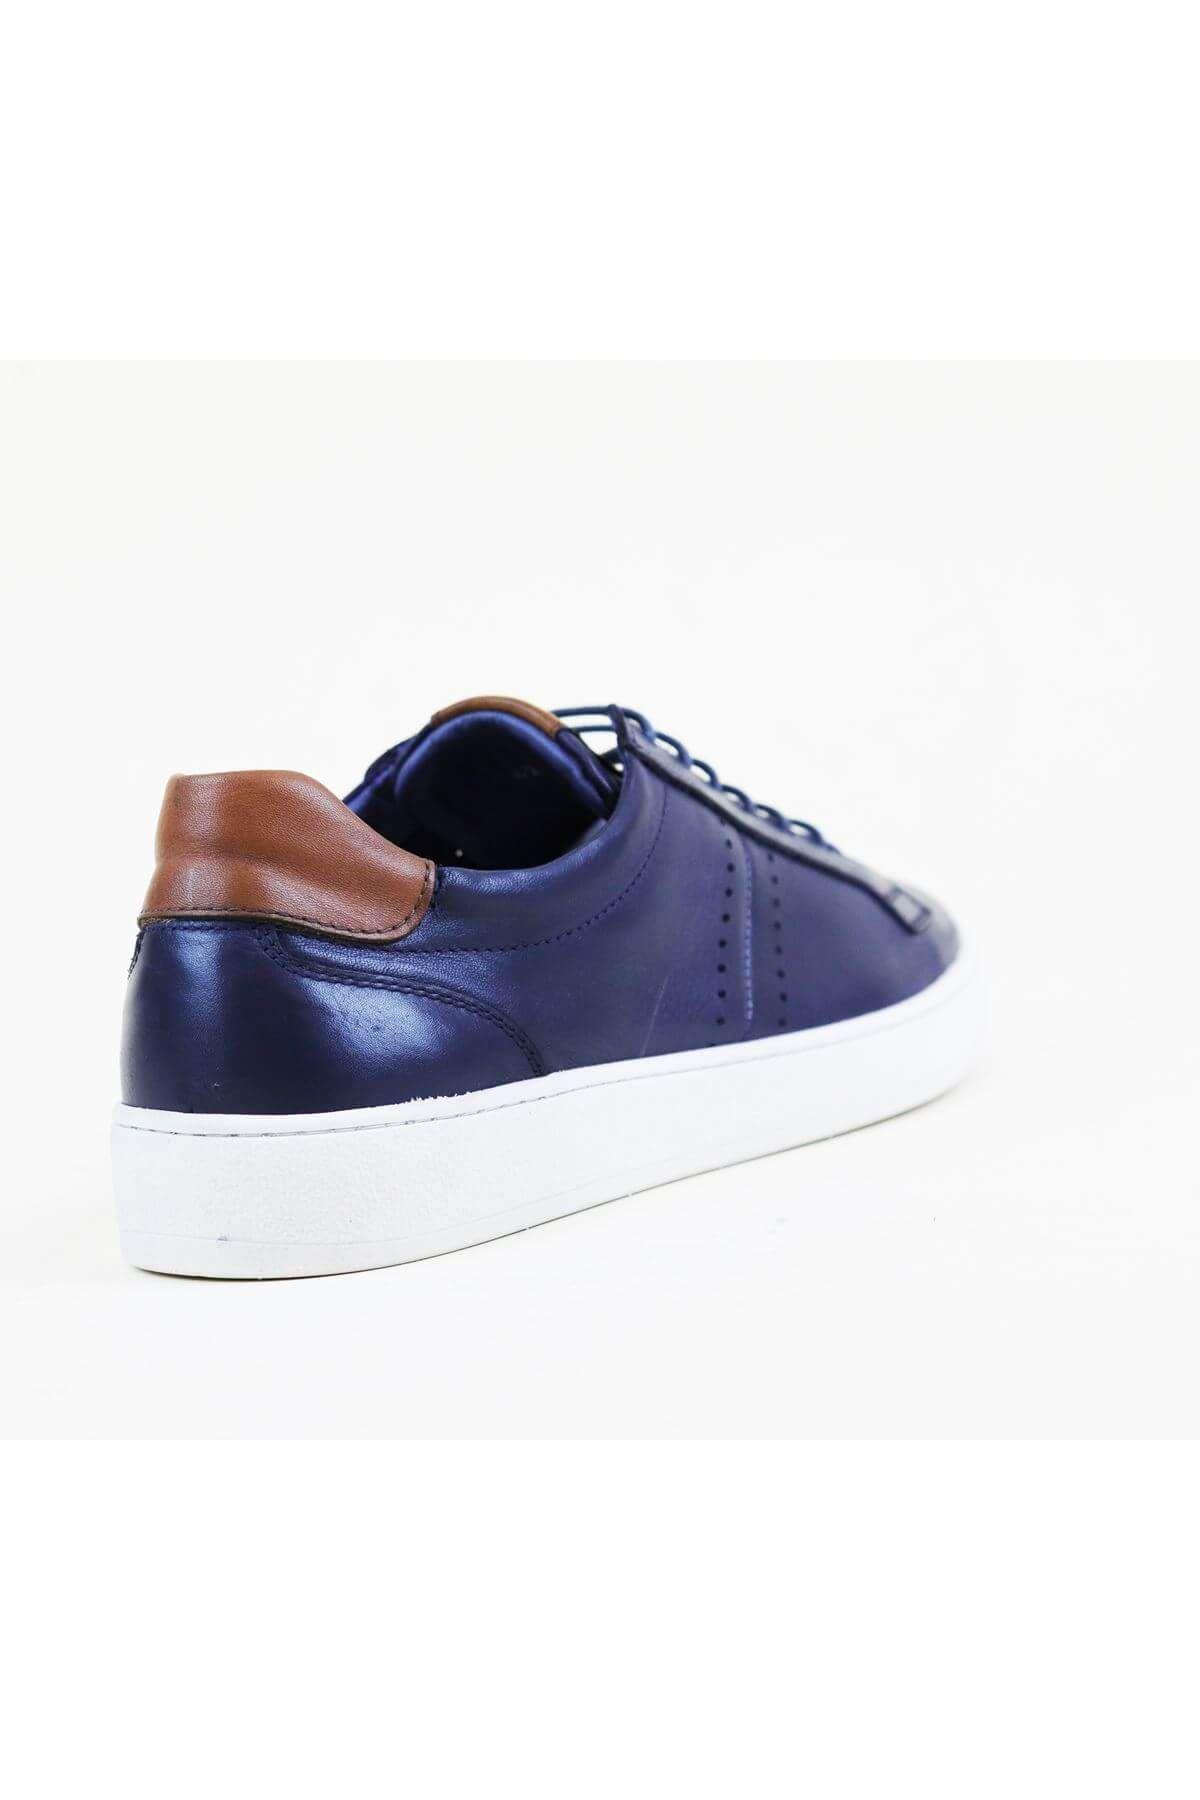 Free Foot 204600 Hakiki Deri Erkek Ayakkabısı